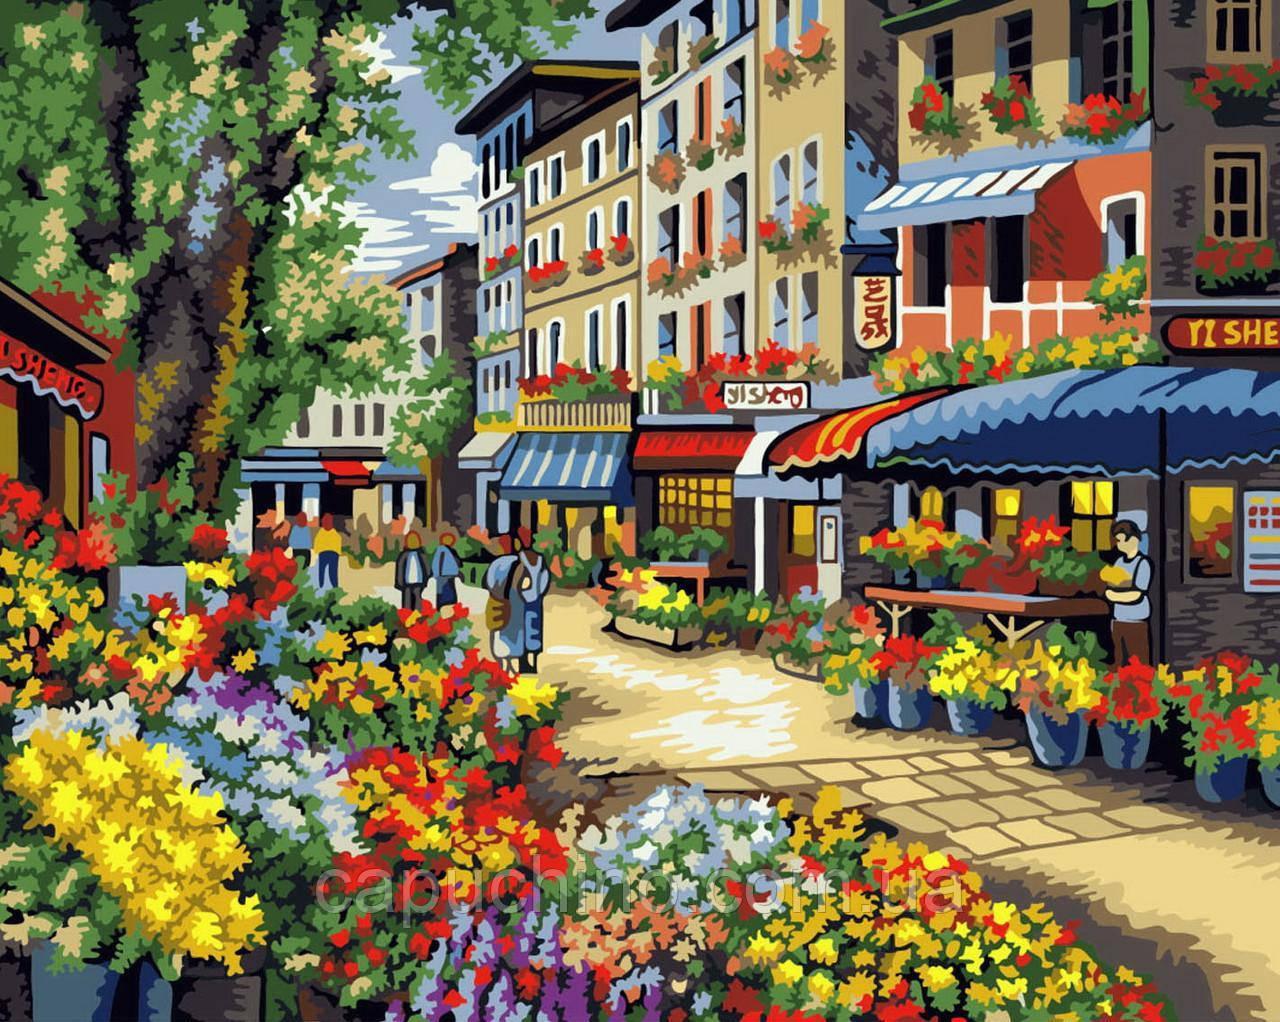 Картина малювання за номерами Квіткова крамниця GX7090 40х50см набір для розпису, фарби, пензлі полотно